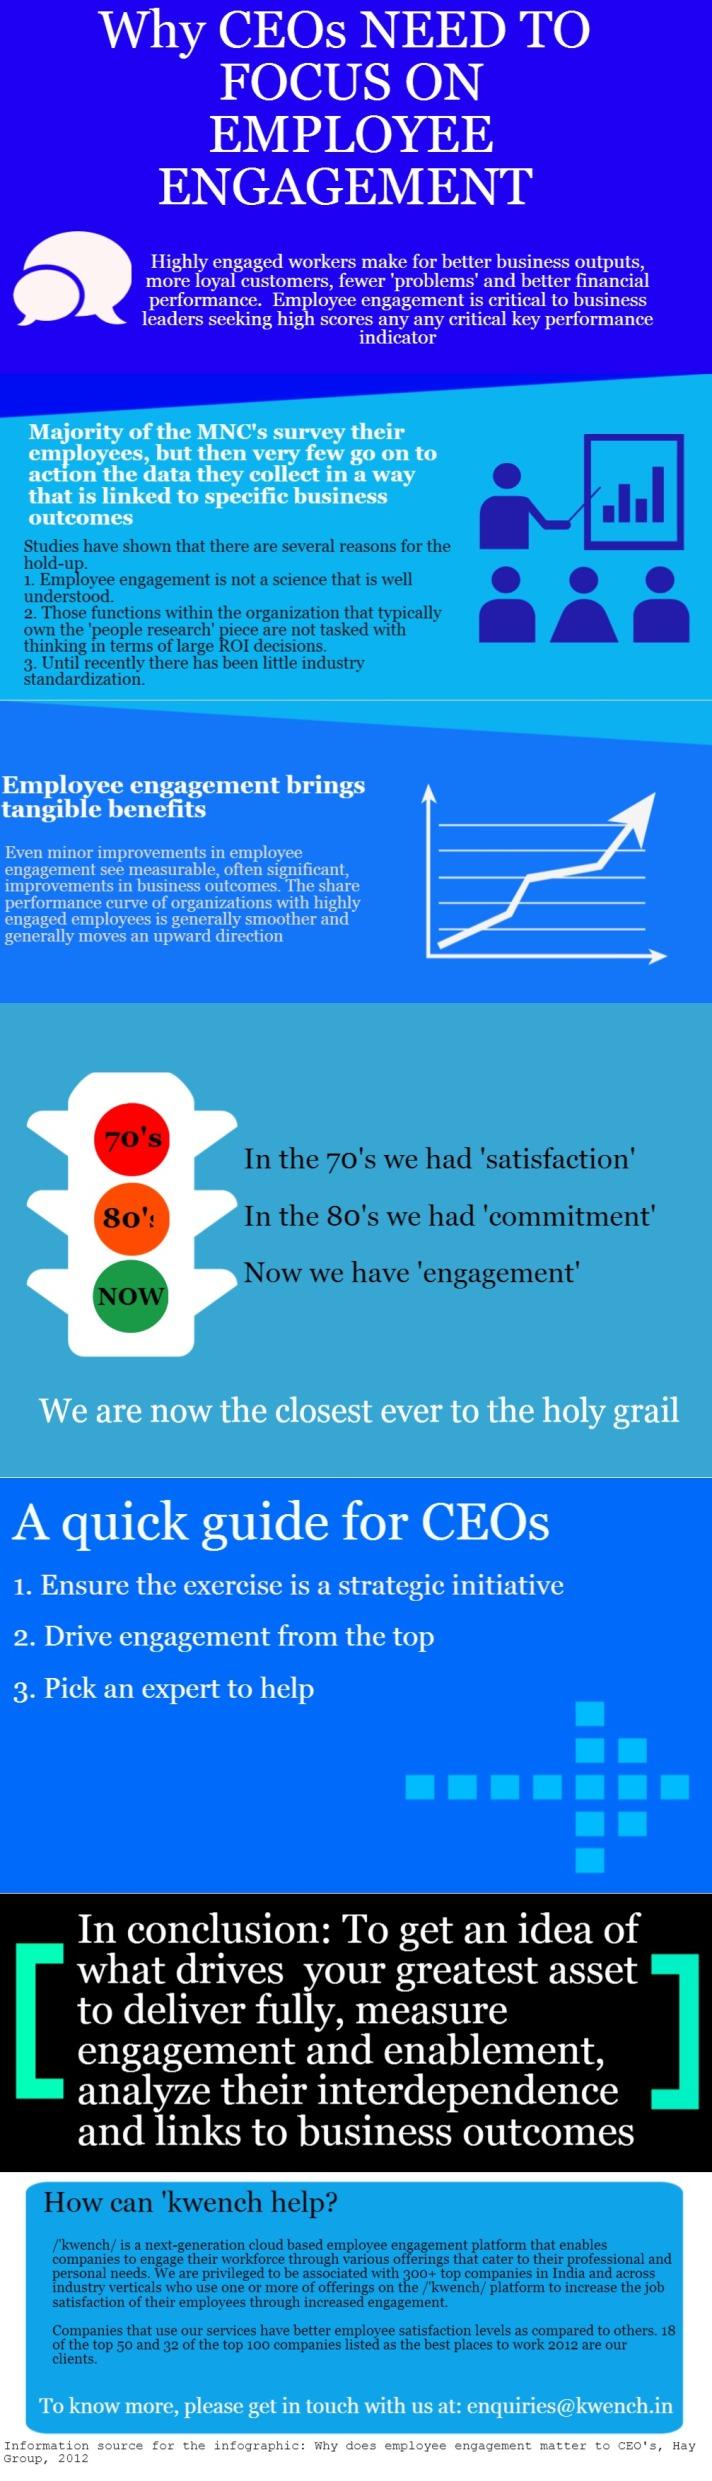 Infographic_Kwench_WhoCEOsNeedToFocusOnEmployeeEngagement_